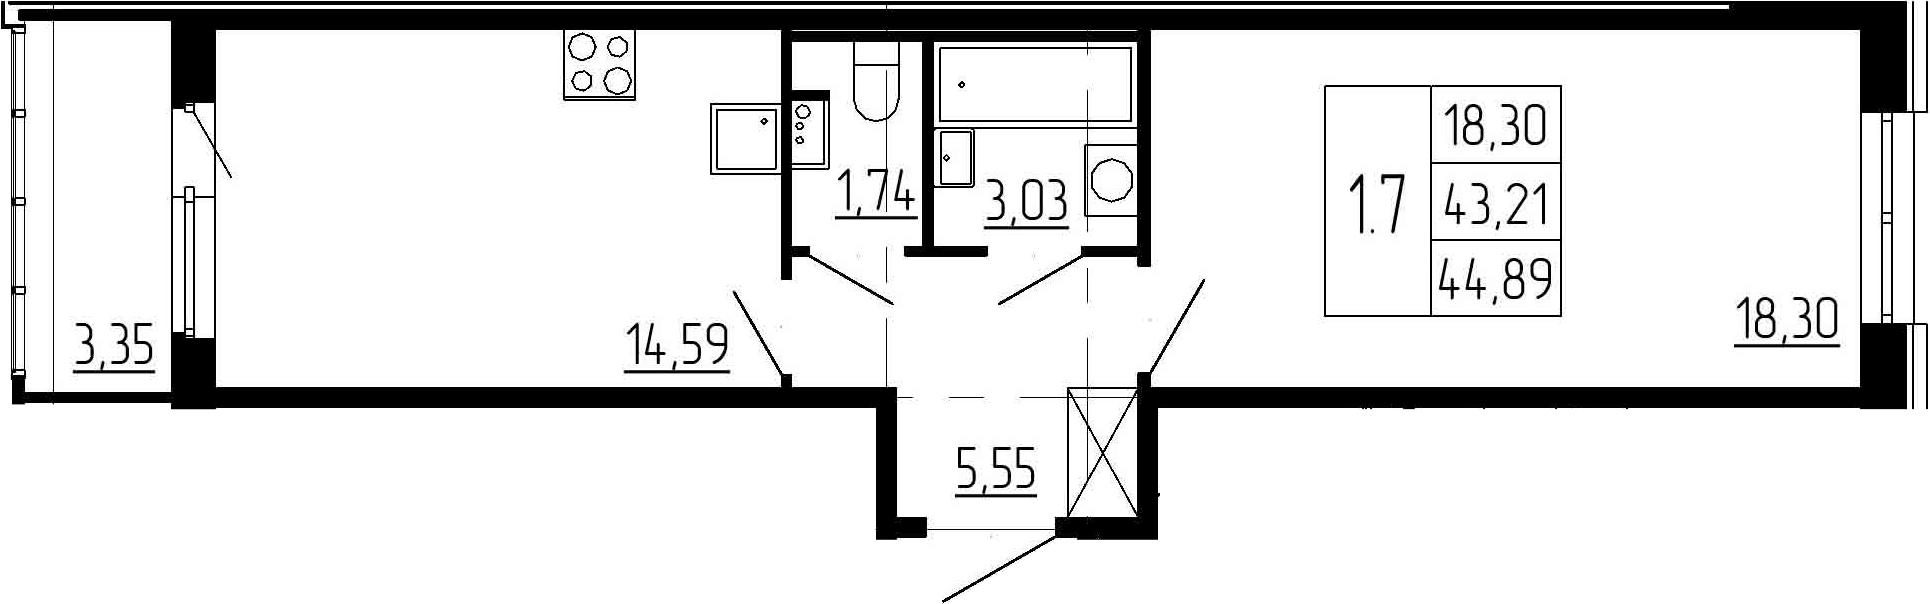 1-к.кв, 43.21 м²